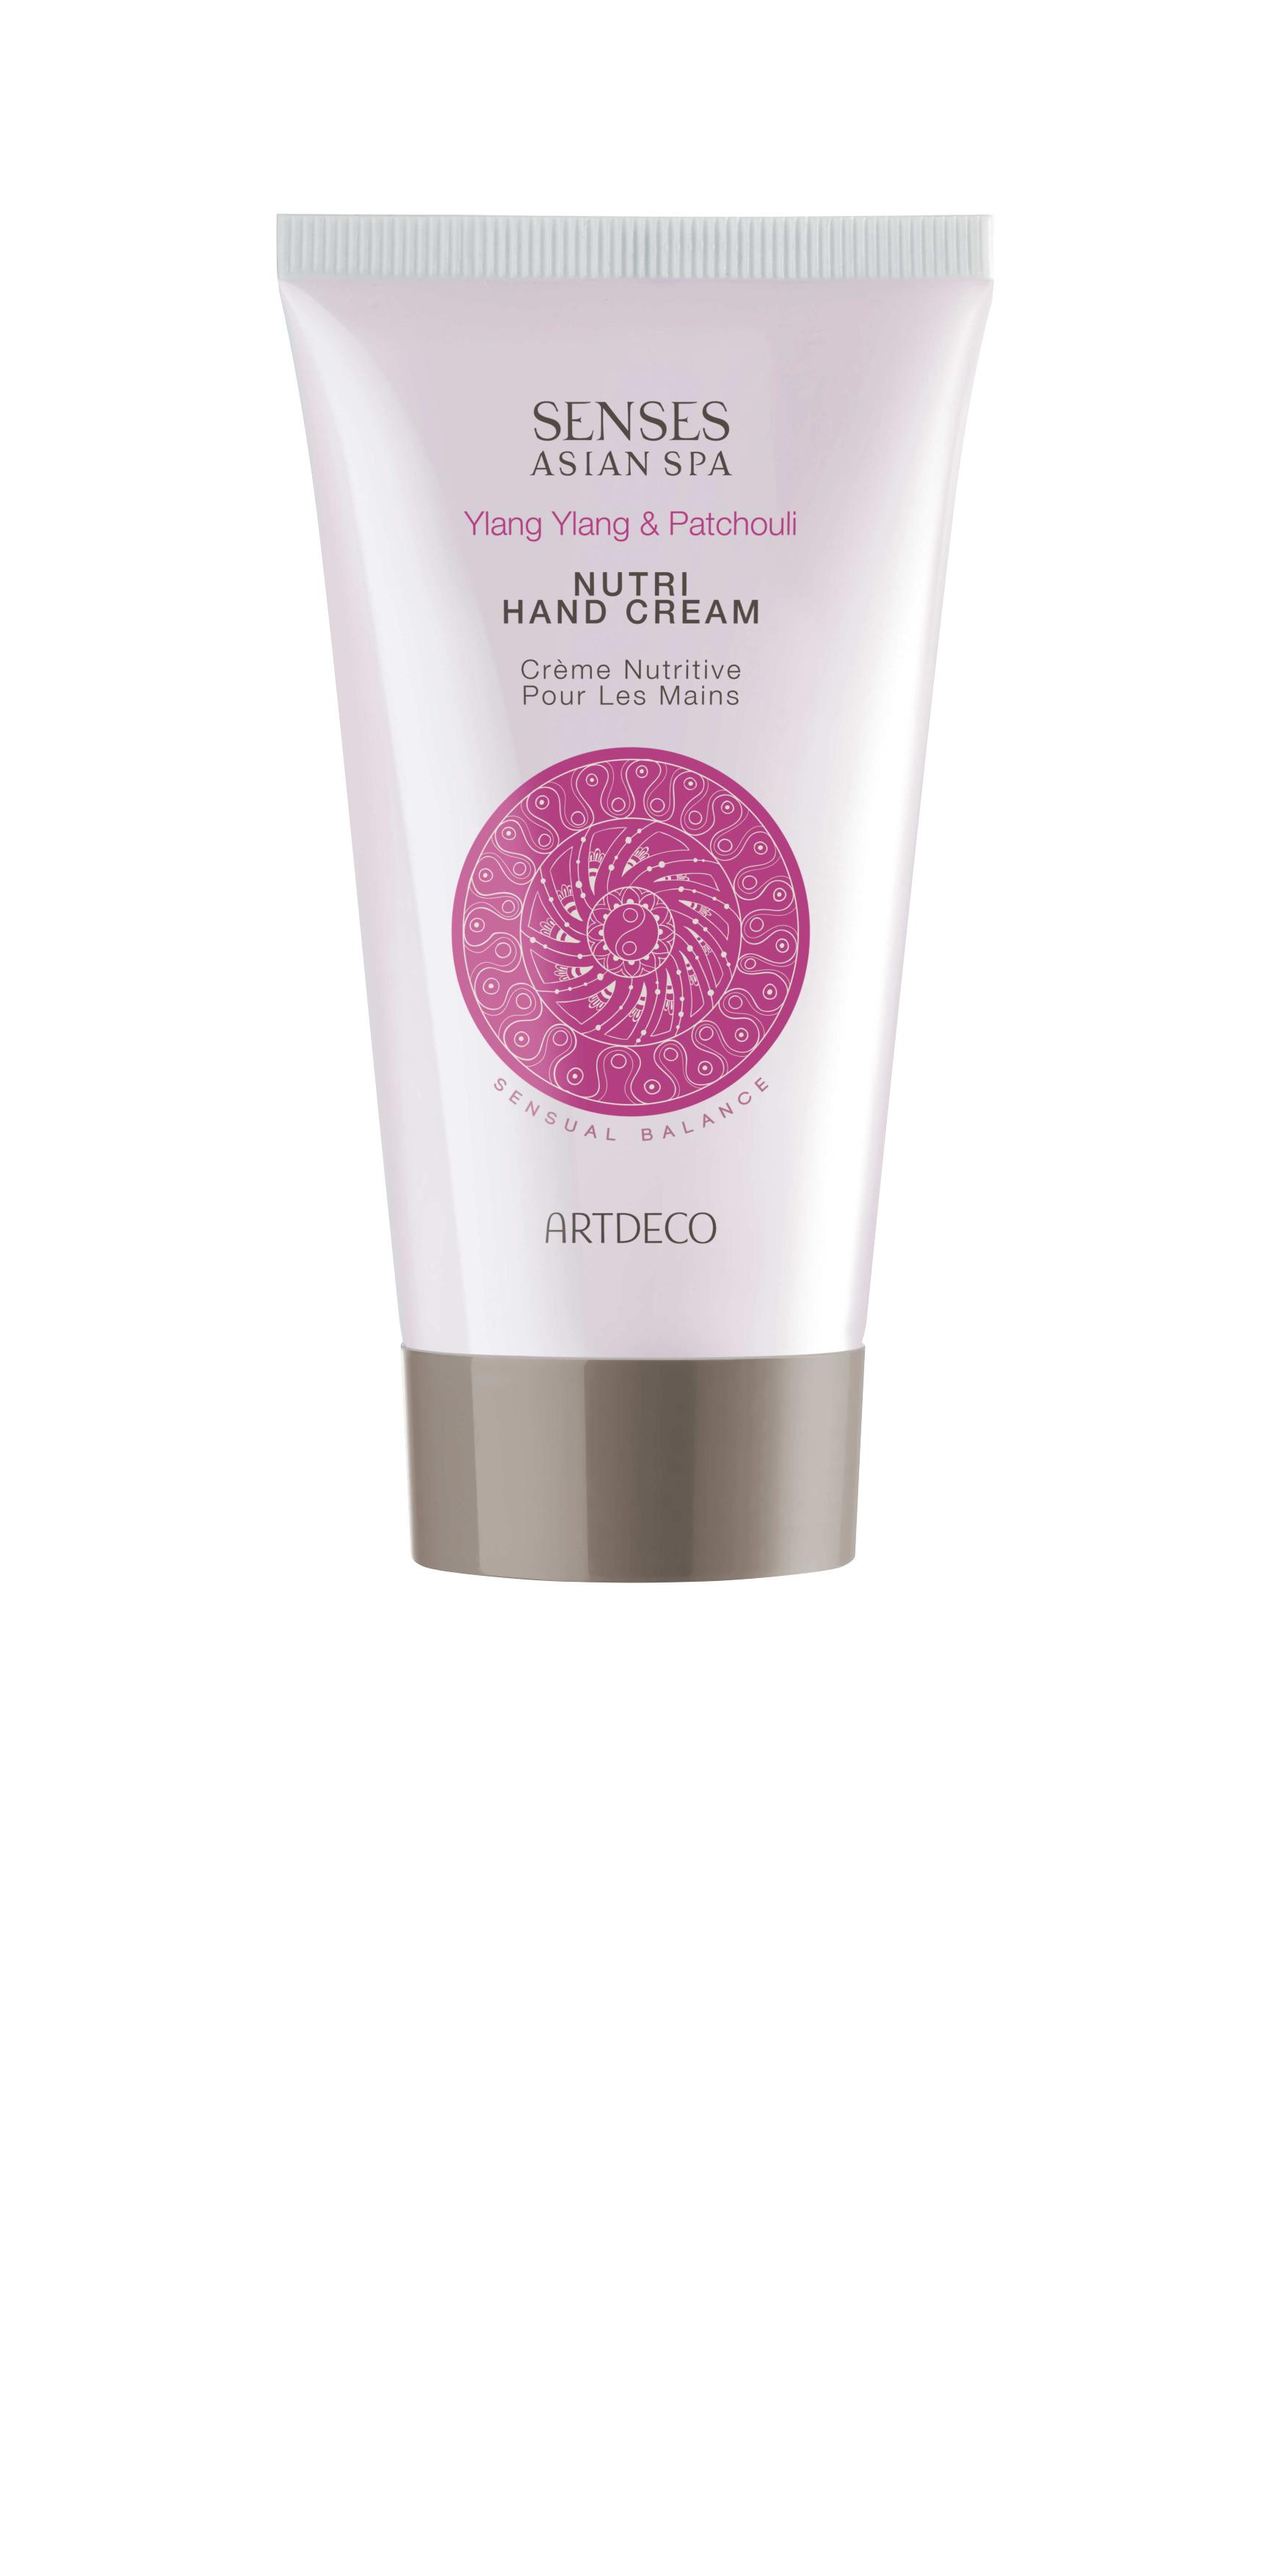 Artdeco крем для рук питательный Nutri hand cream, sensual balance, 75 млM5062404Длительный увлажняющий эффектПитает кожу, смягчаетУхаживает за кутикулой